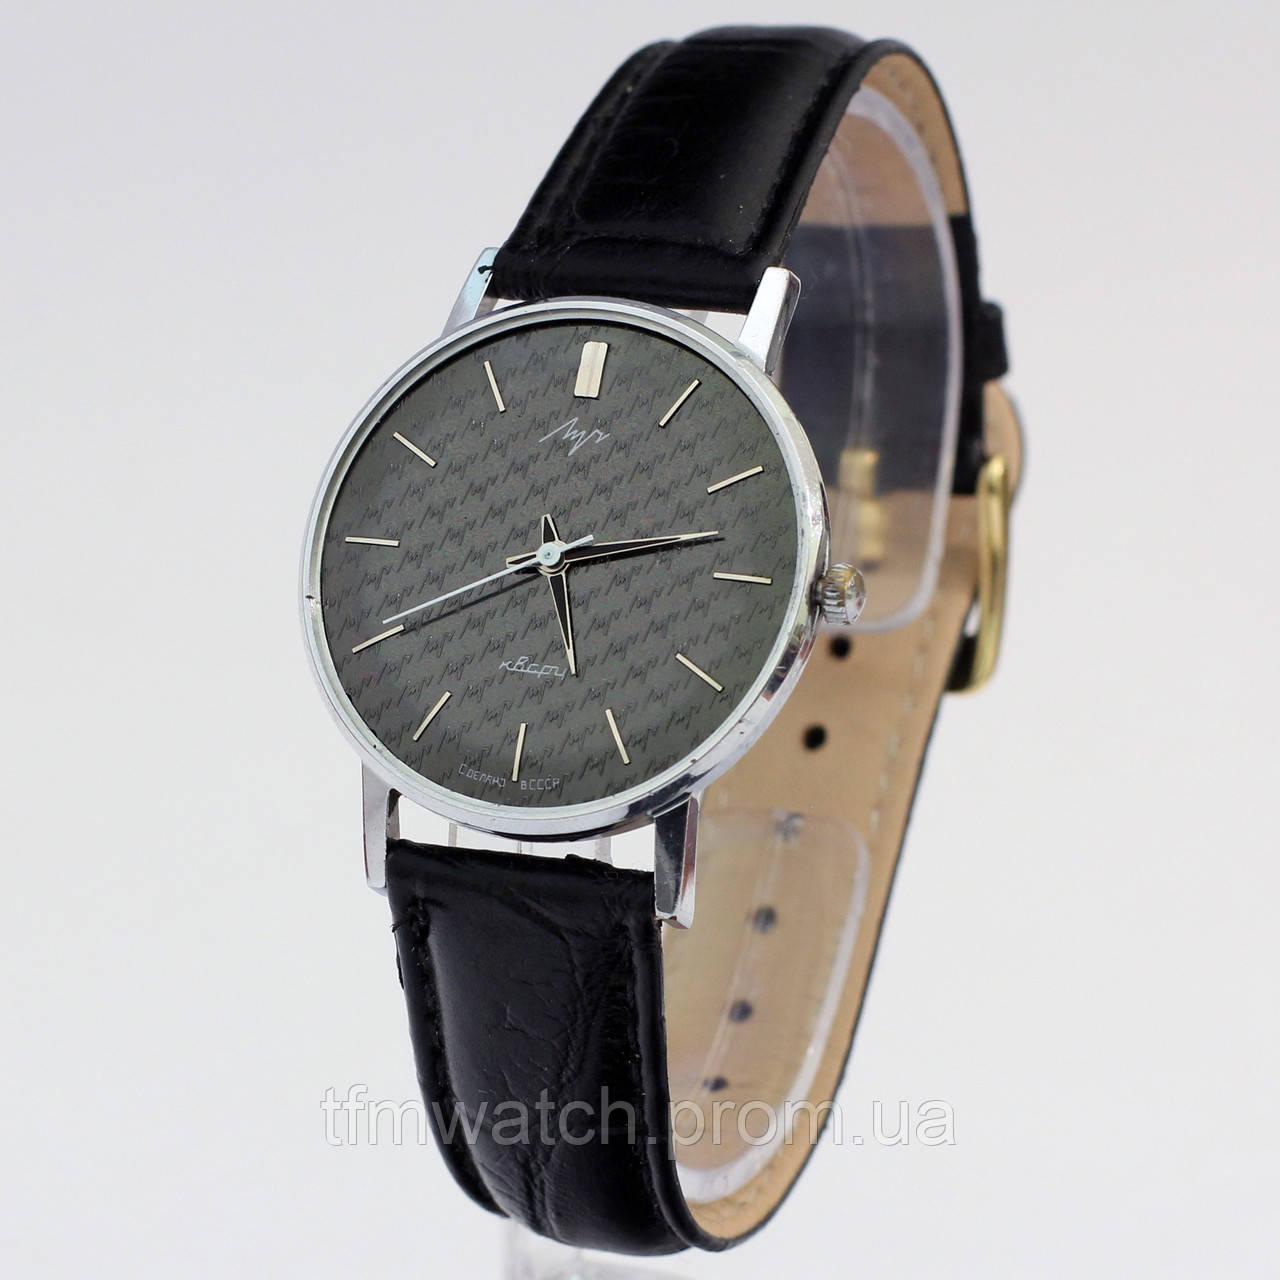 Советские часы Луч редкий циферблат